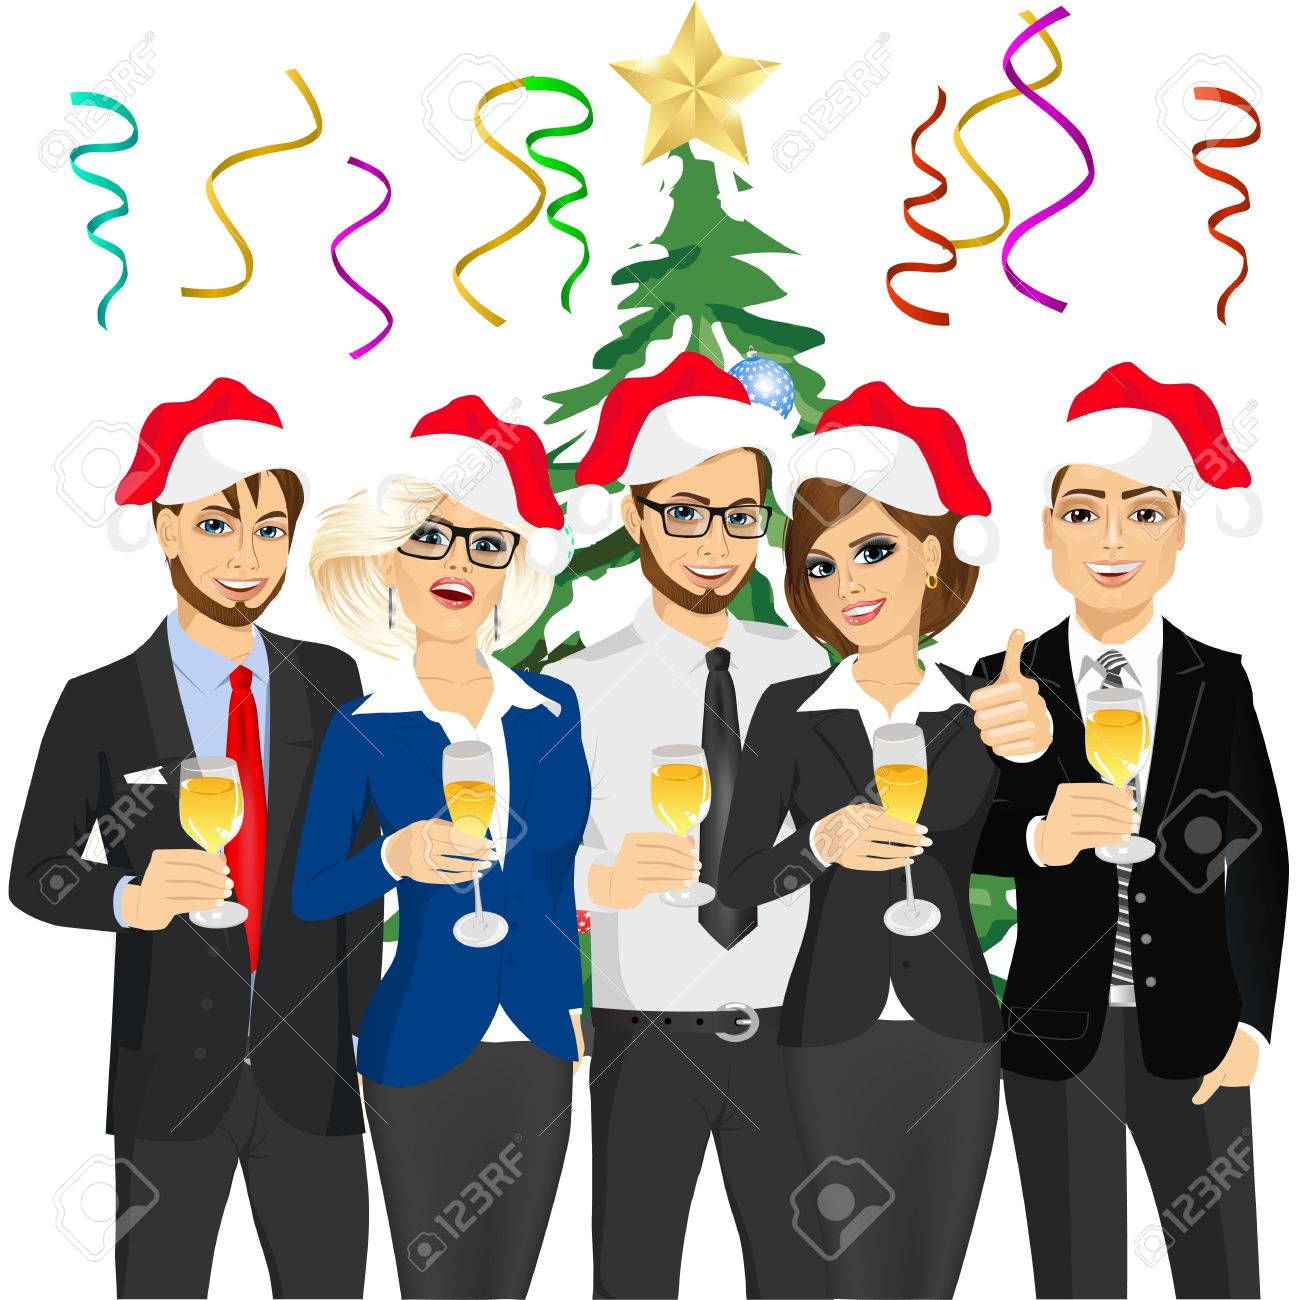 Christmas Social Clipart.